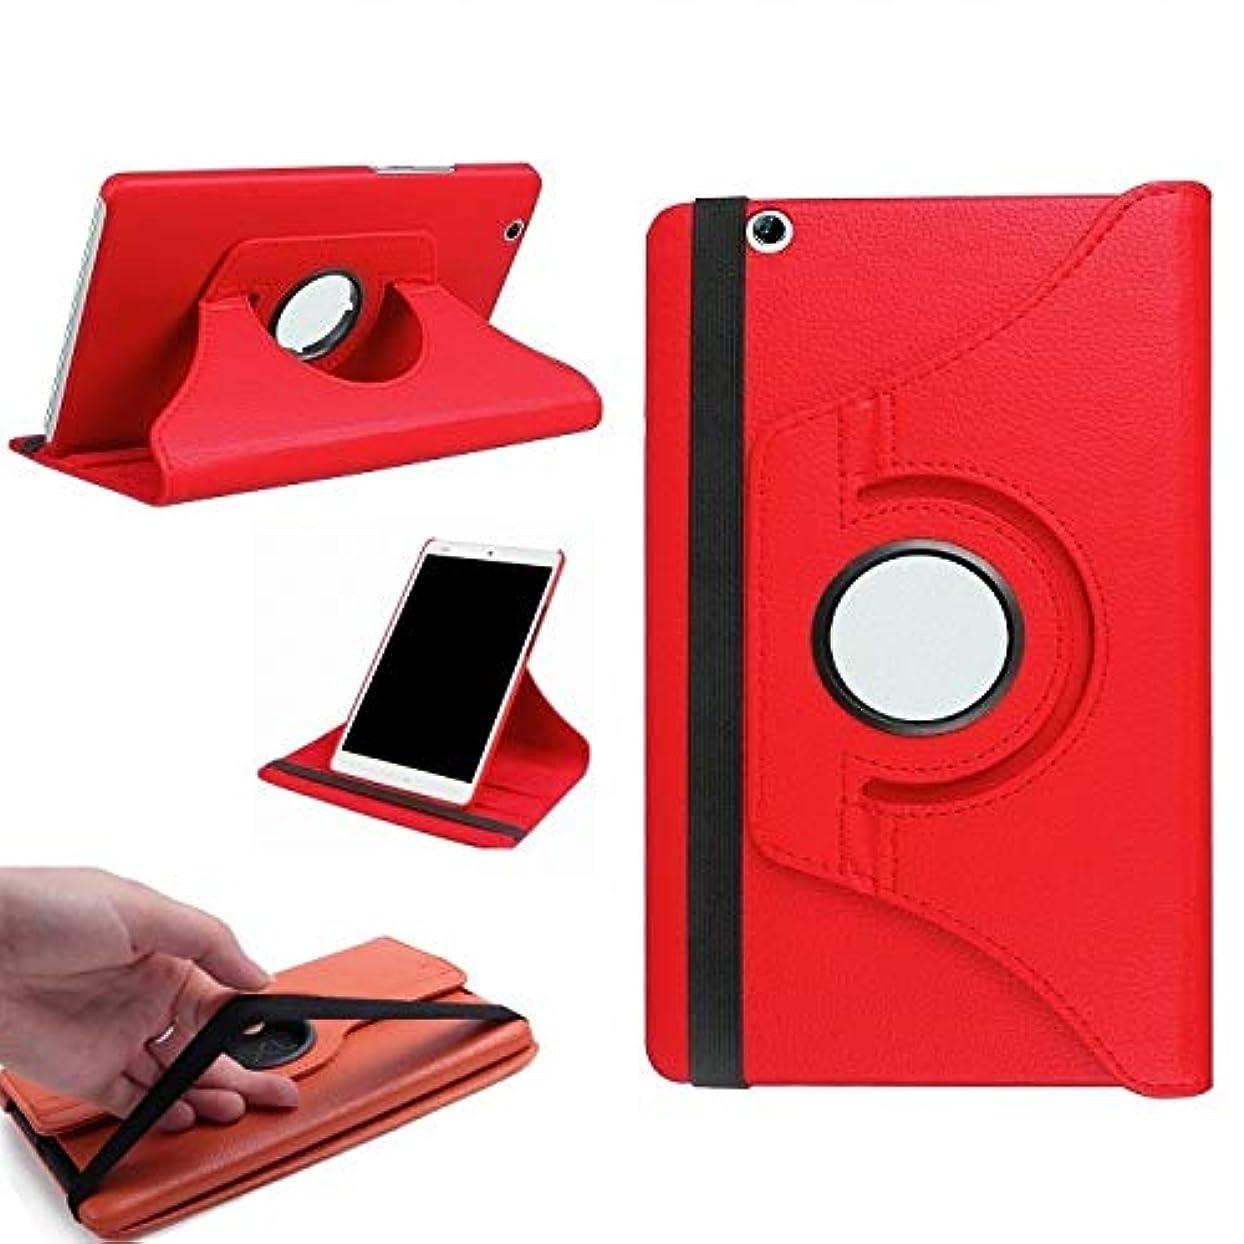 月曜電気的活性化するwindykids au Qua tab 02 SoftBank 605HW Ymobile 606HW カバー 赤 Huawei MediaPadT210.0 Pro 3点セット 保護フィルム タッチペン HWT31 スタンドケース 赤